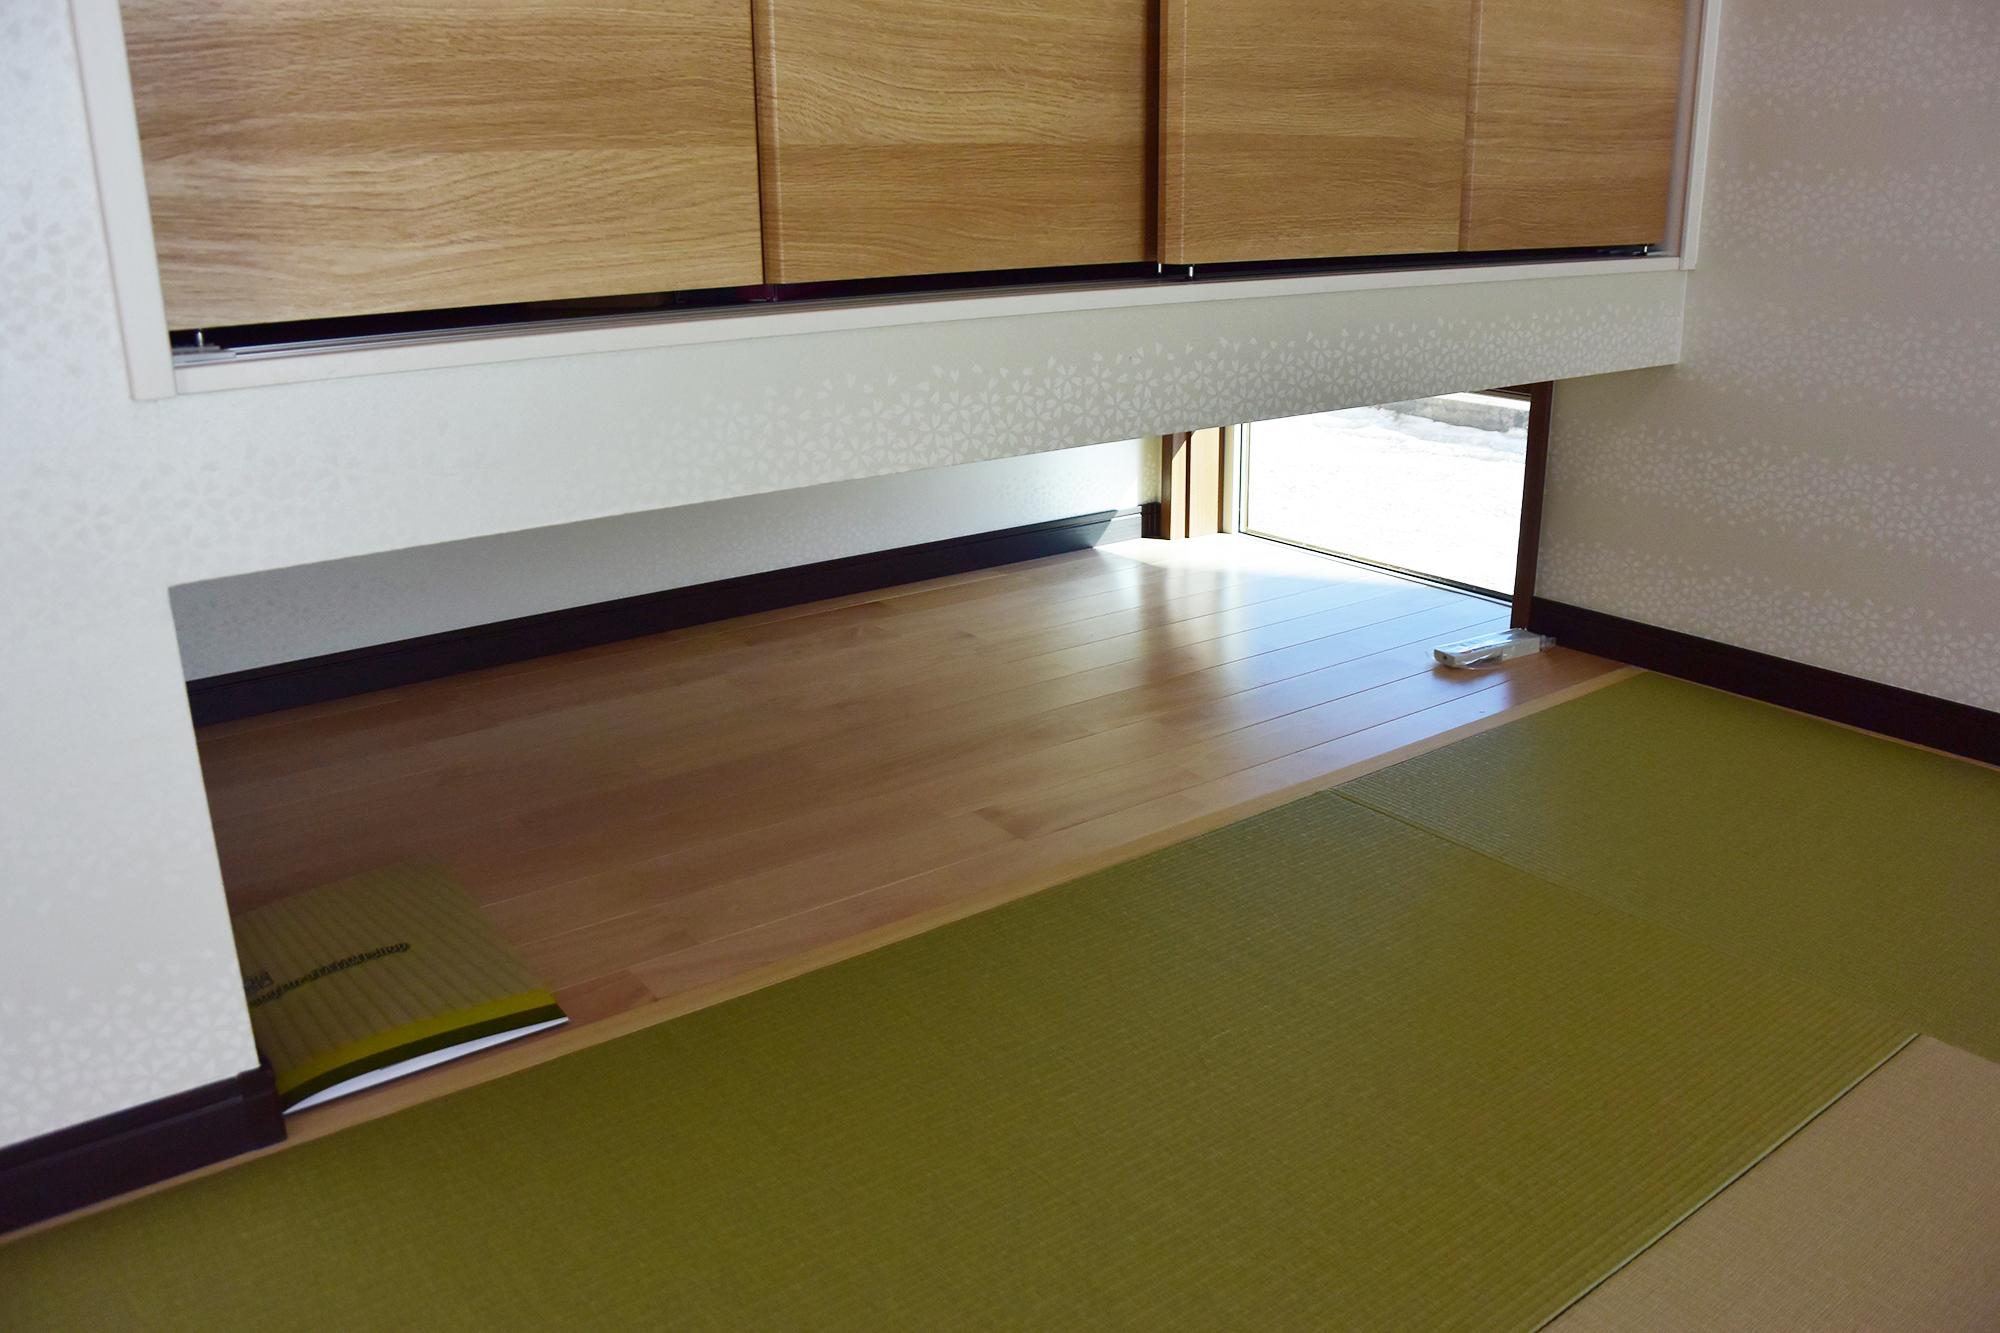 和室にはおしゃれな吊押入れが設置されました。押入れの下はさくらの床となっています。